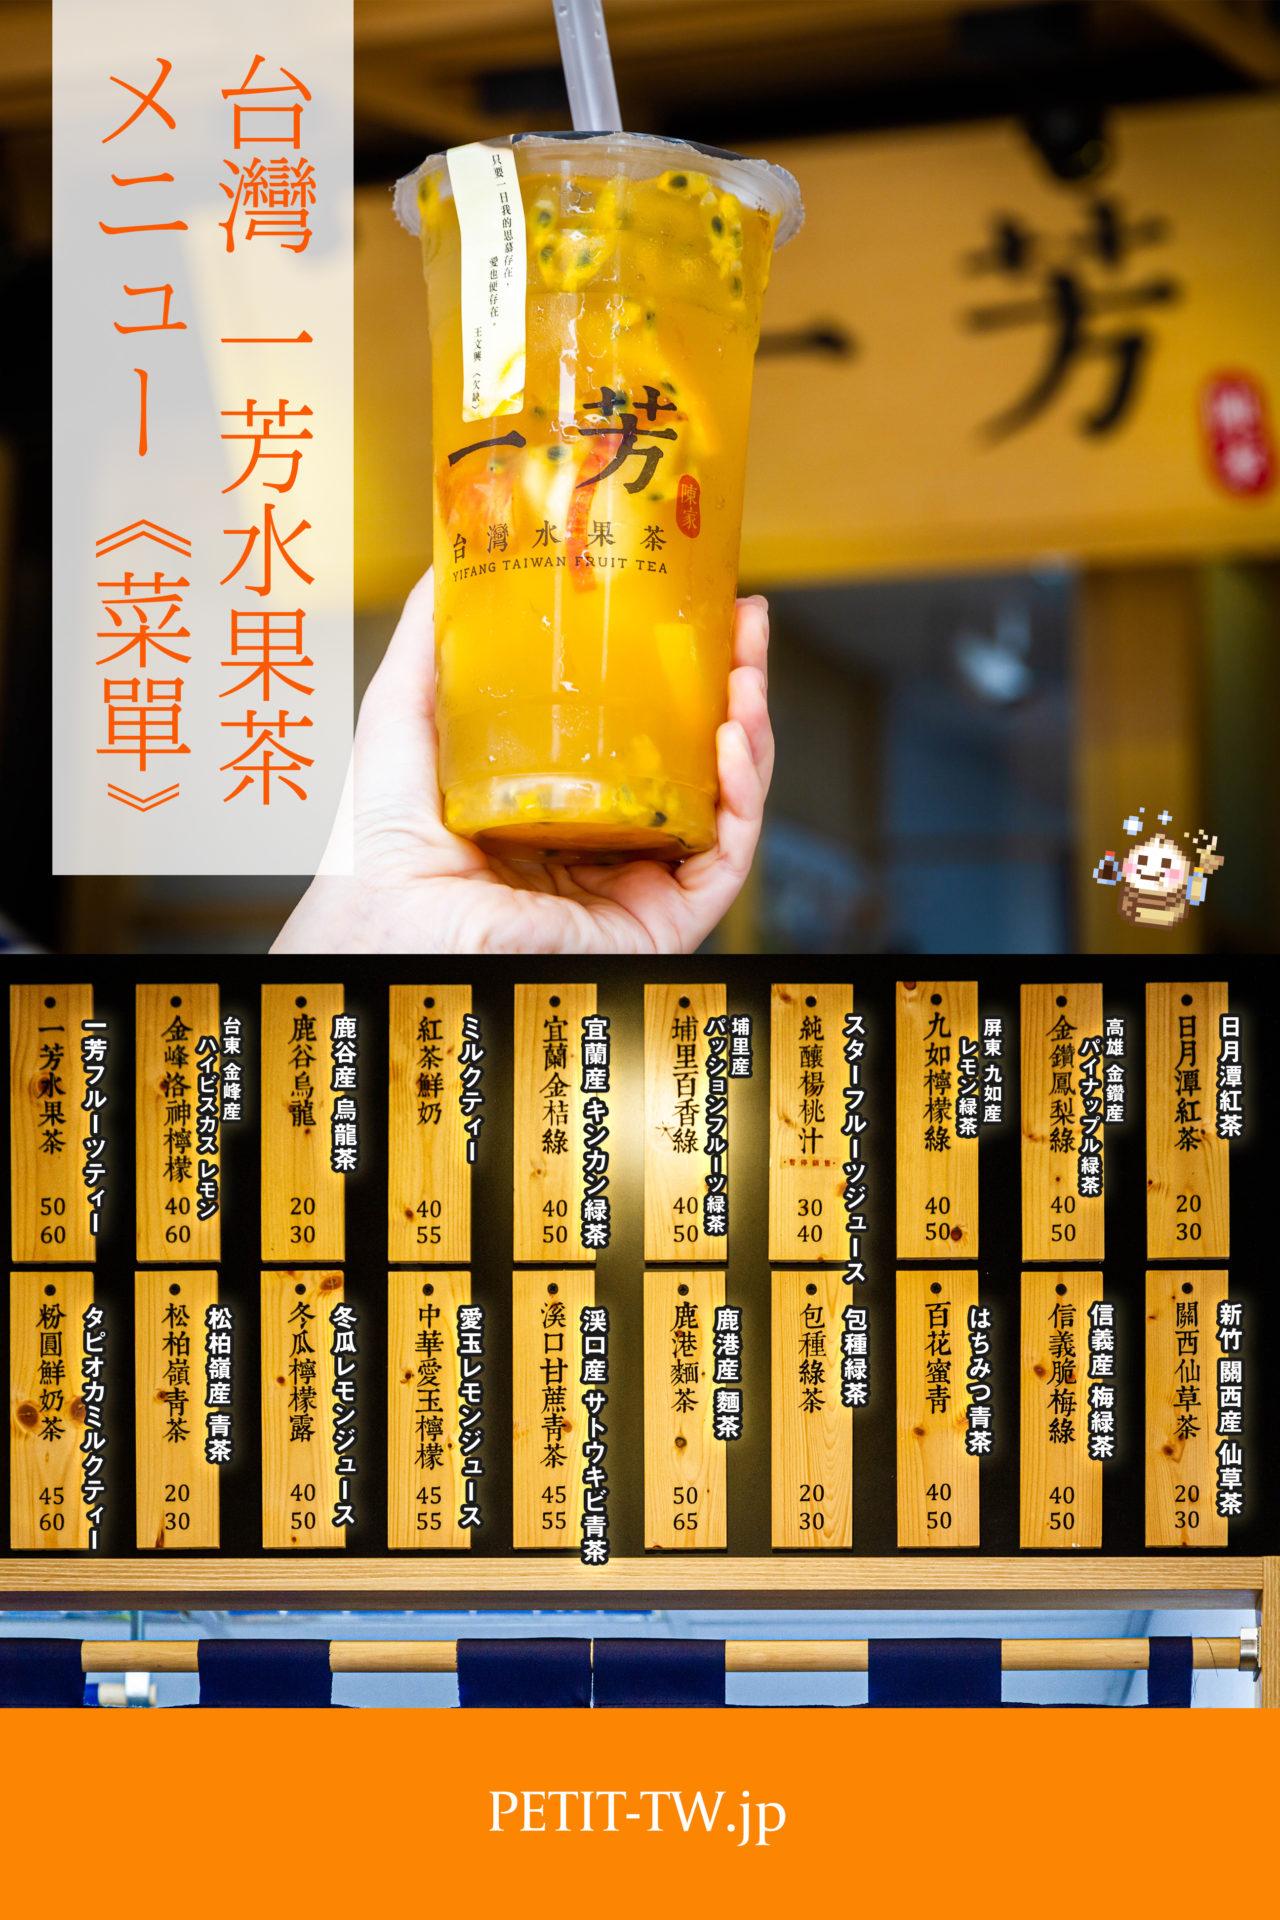 台湾 一芳水果茶のメニュー